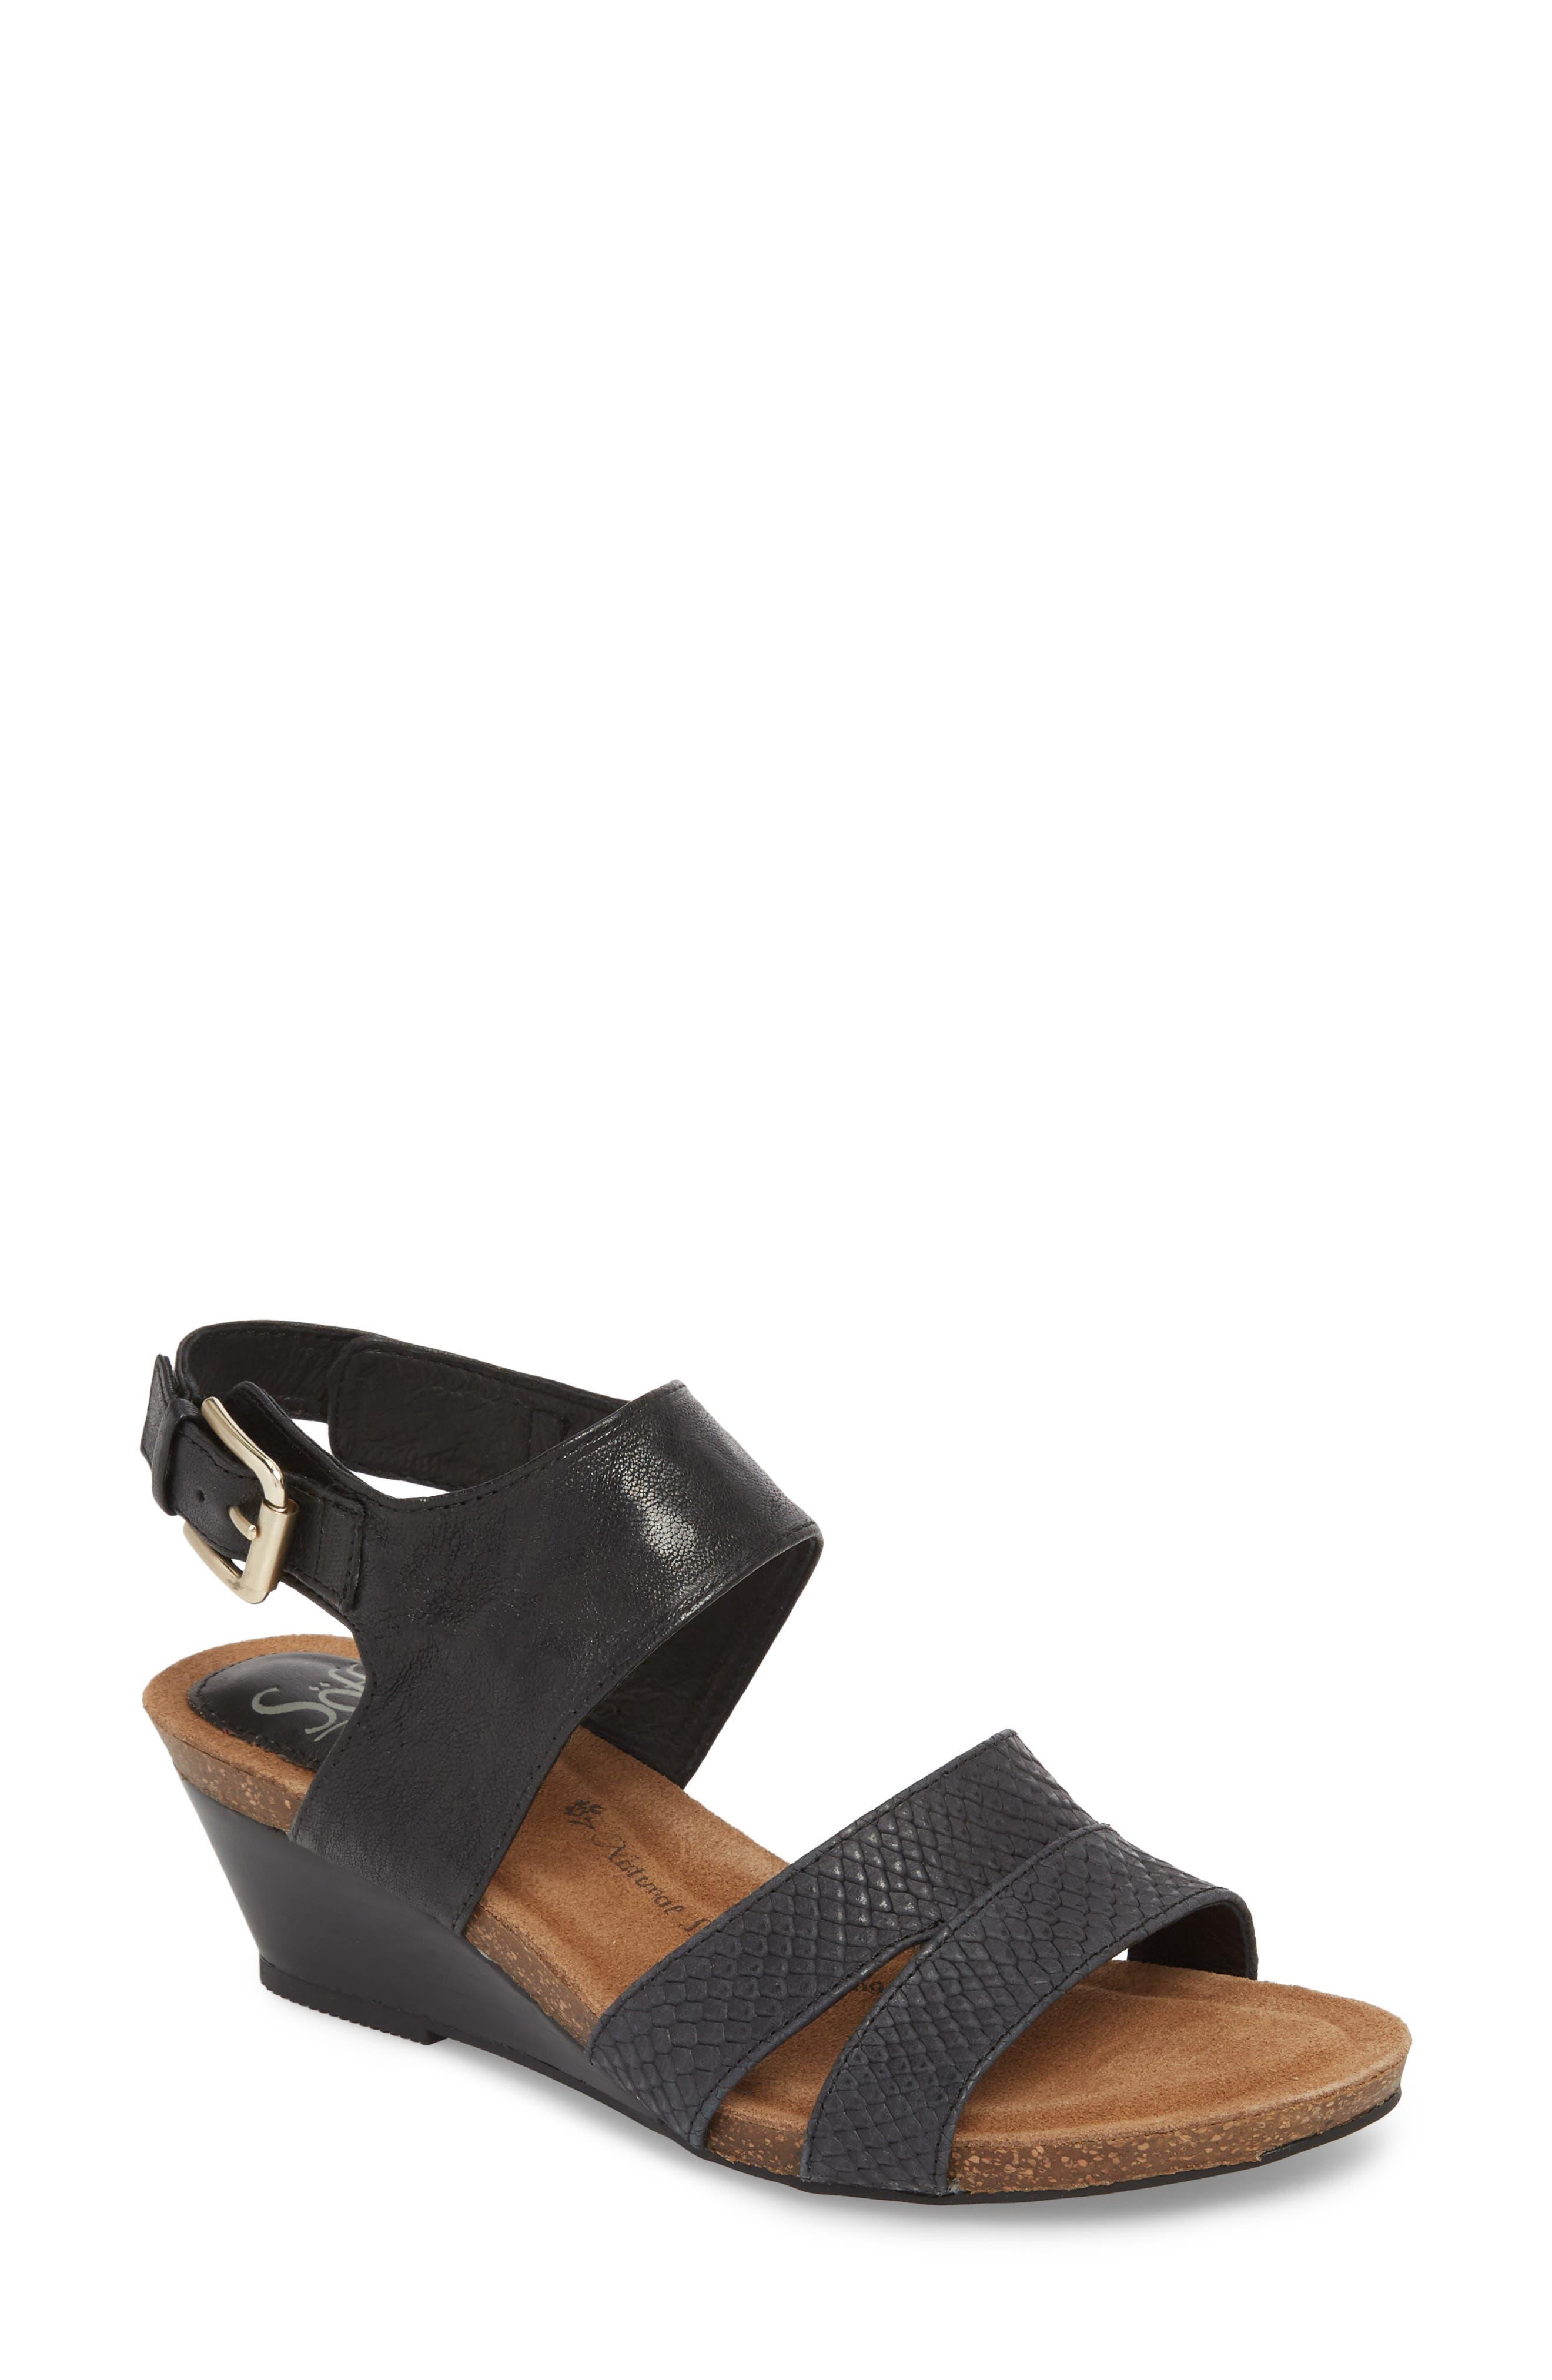 Main Image - Söfft Velden Wedge Sandal (Women)